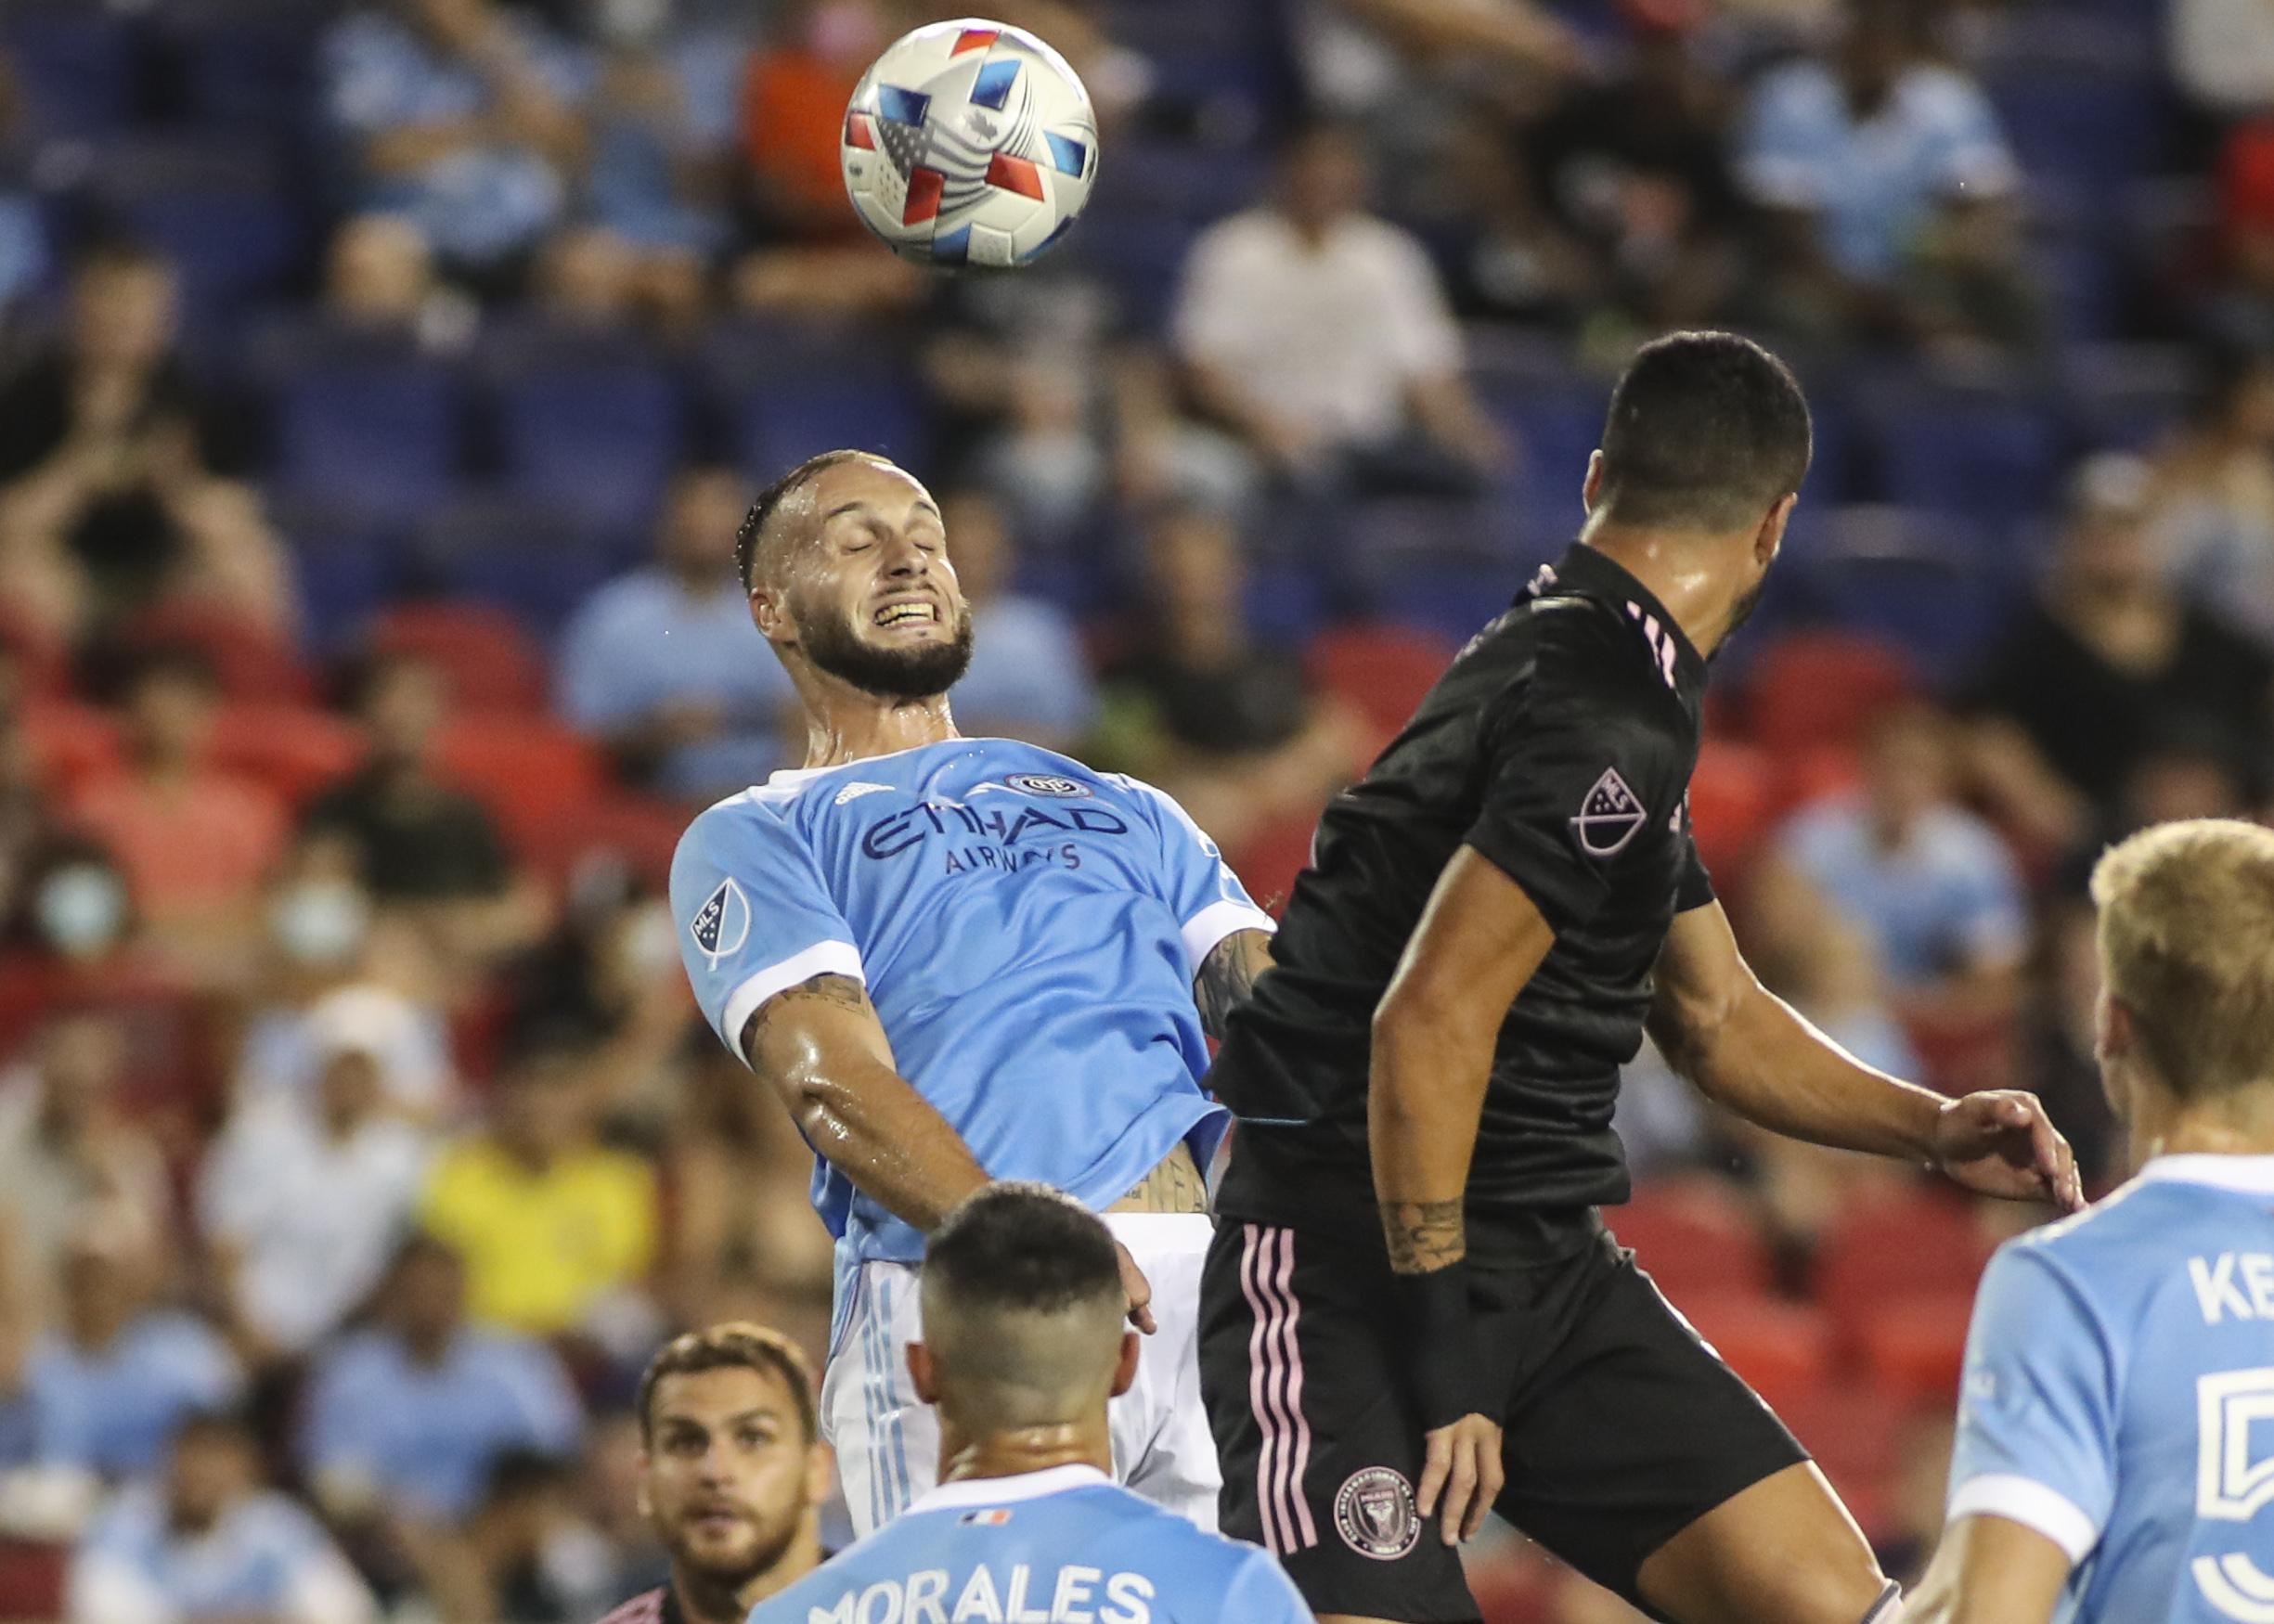 MLS: Inter Miami CF at New York City FC